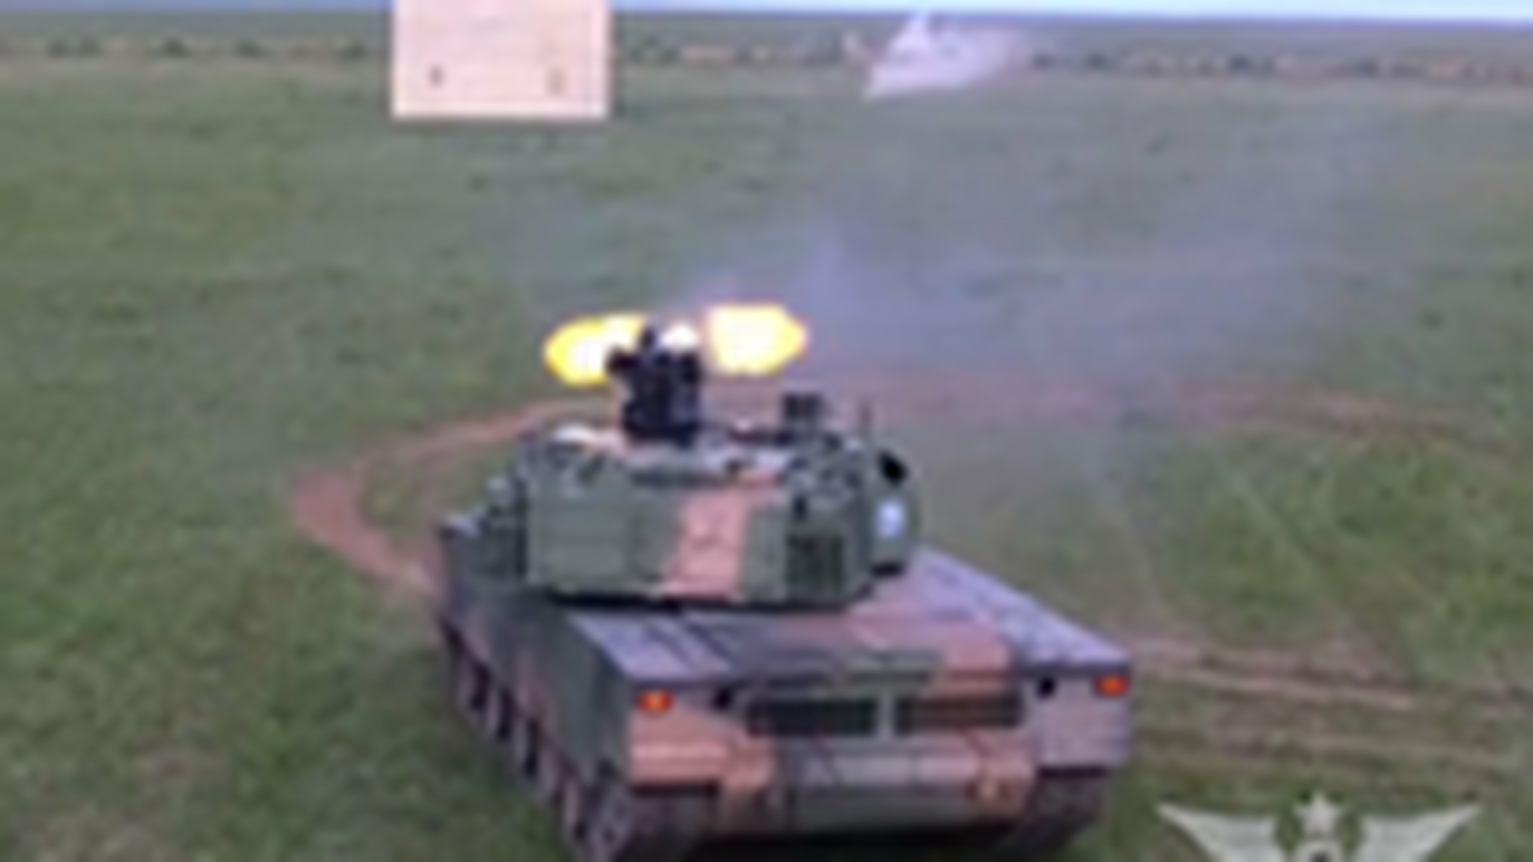 开火中的15式坦克遥控武器站